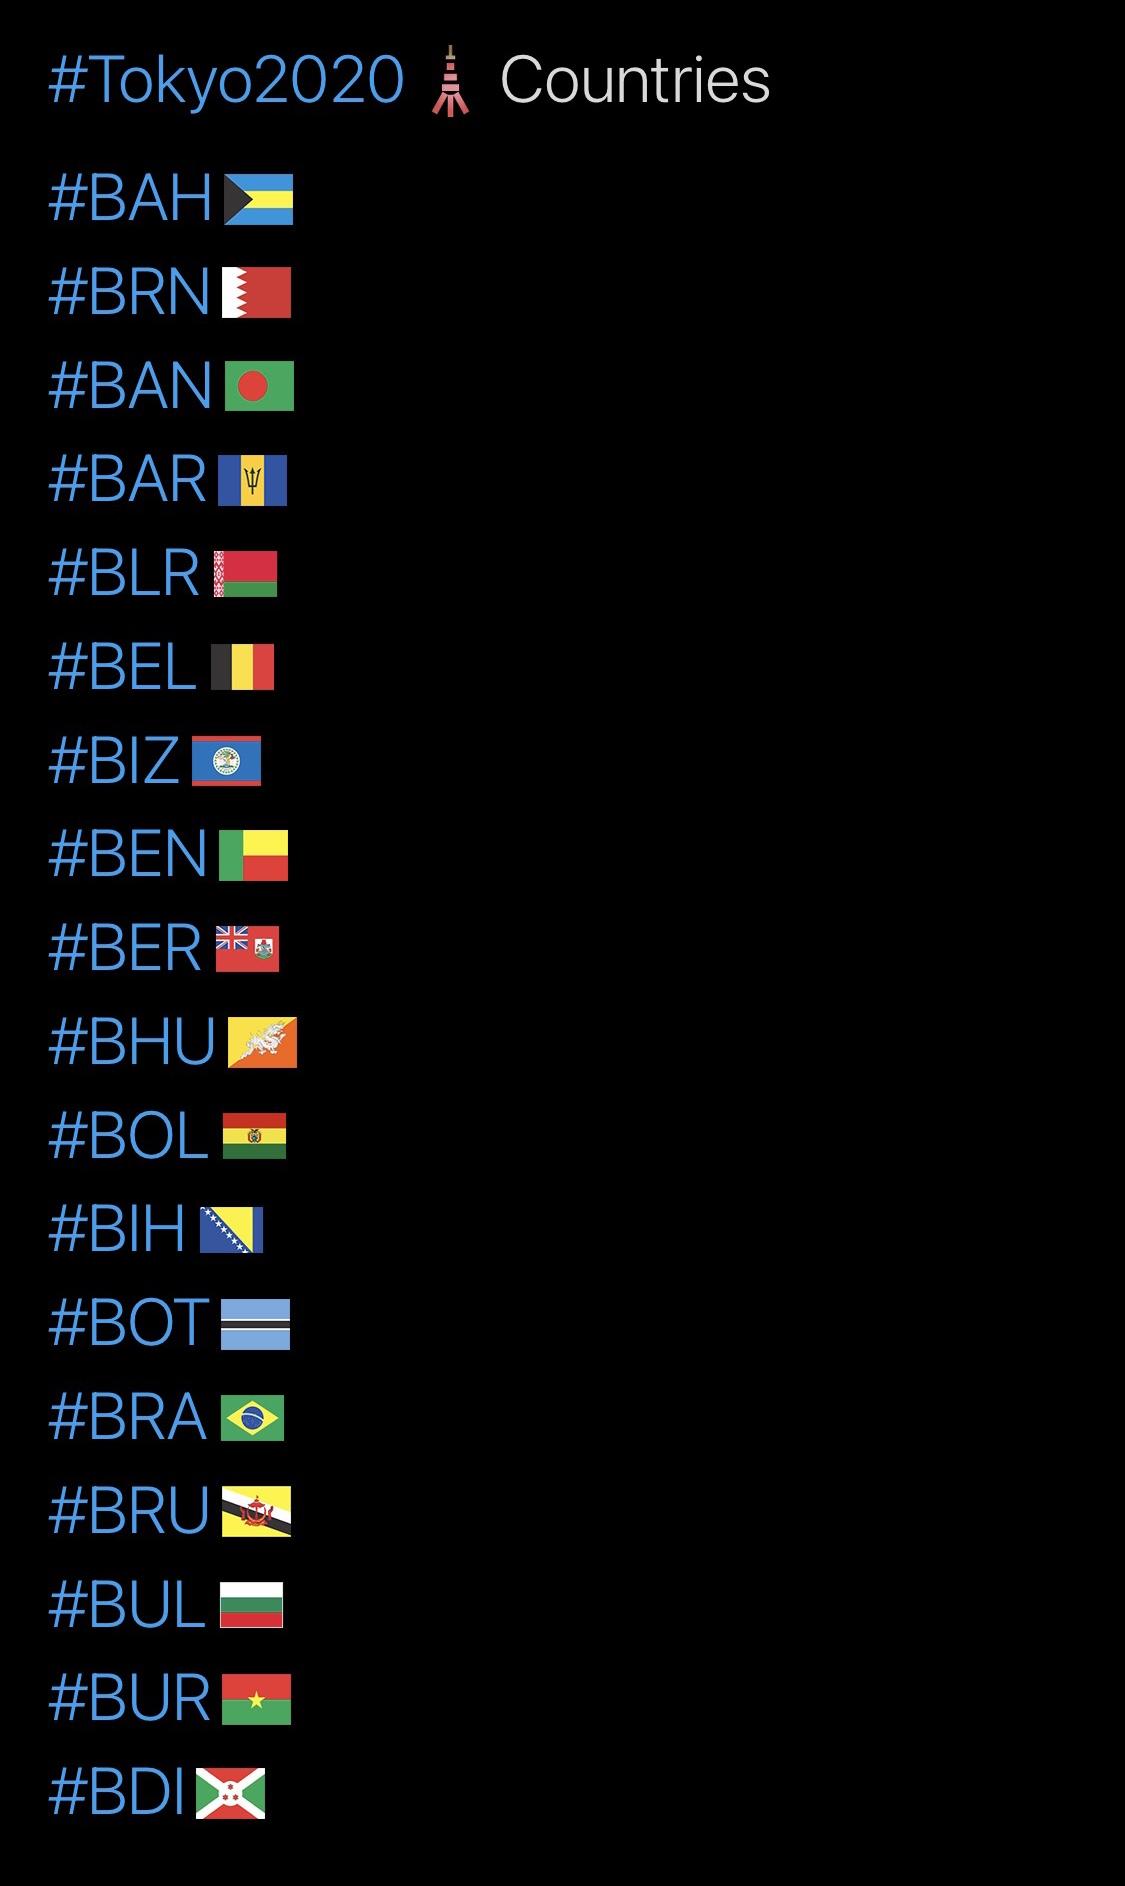 Tokyo 2020 Olympics Hashtags, B